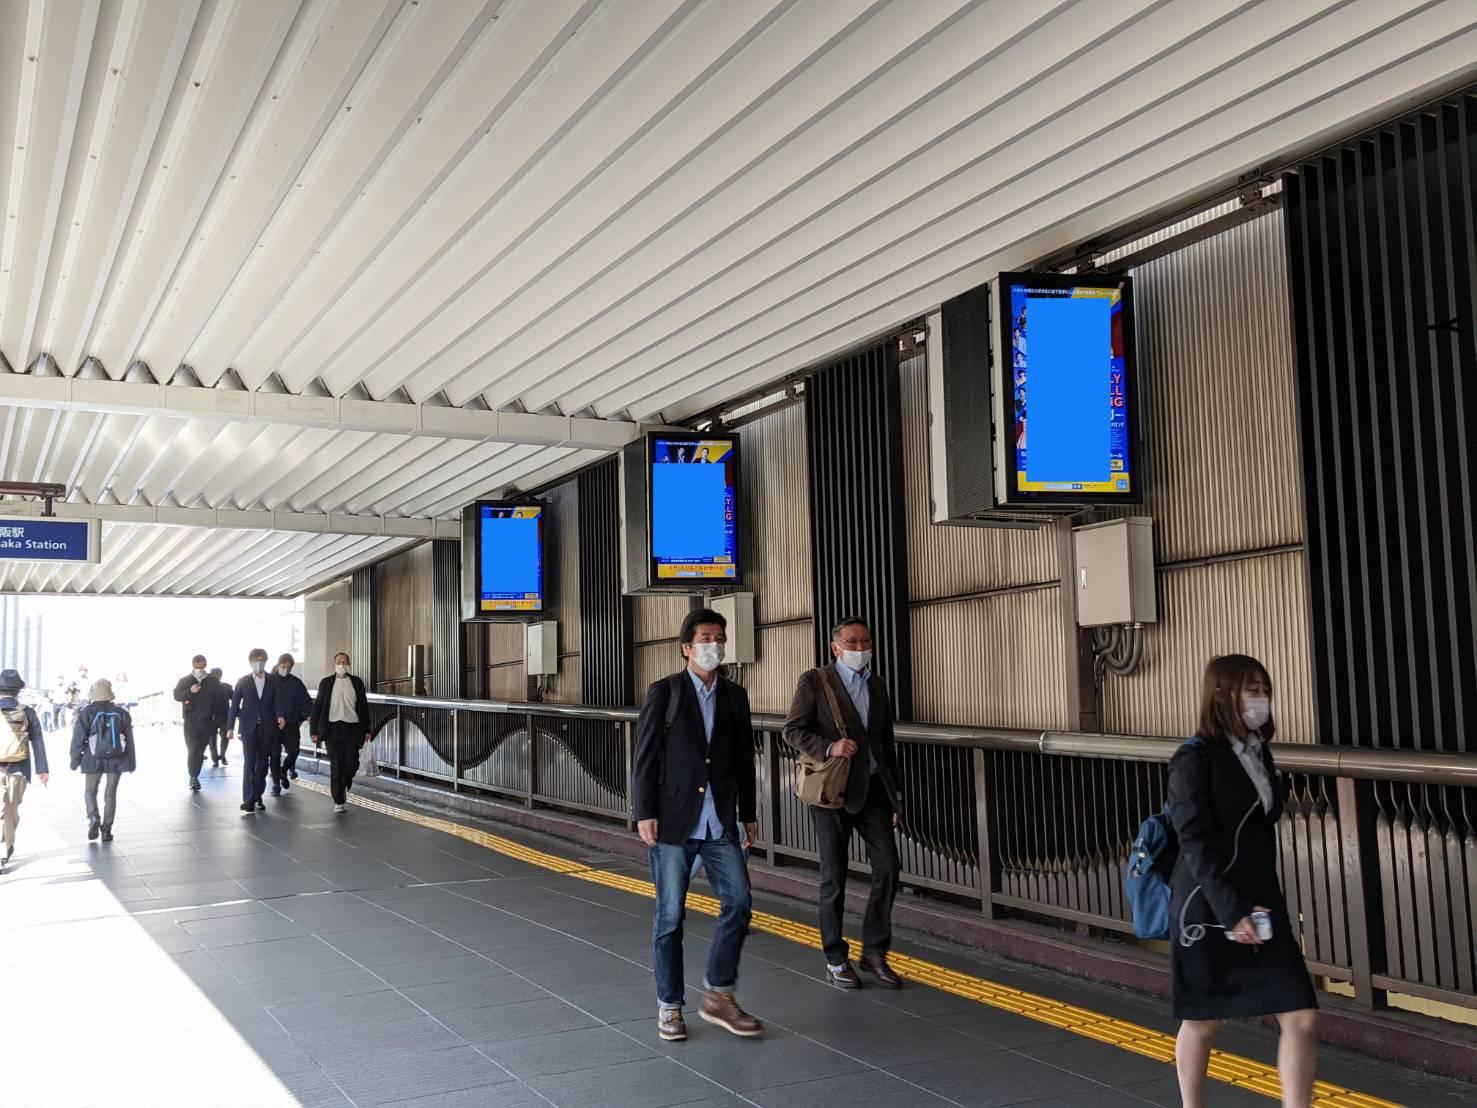 阪急梅田駅2階コンコースデジタルサイネージ